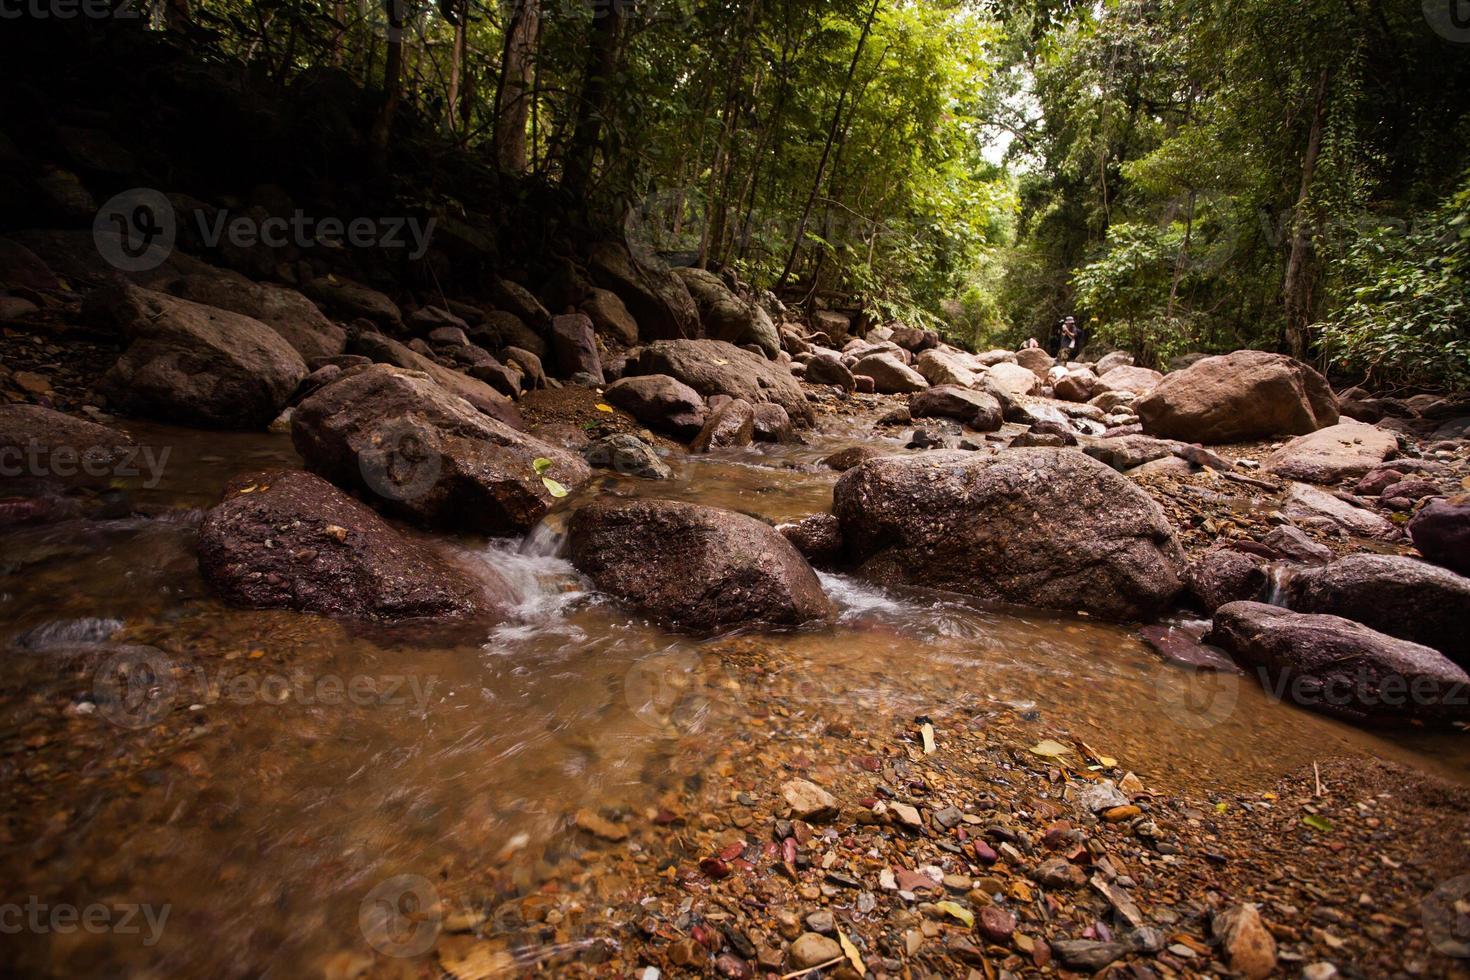 lång exponering skott av en flod och stenar. foto